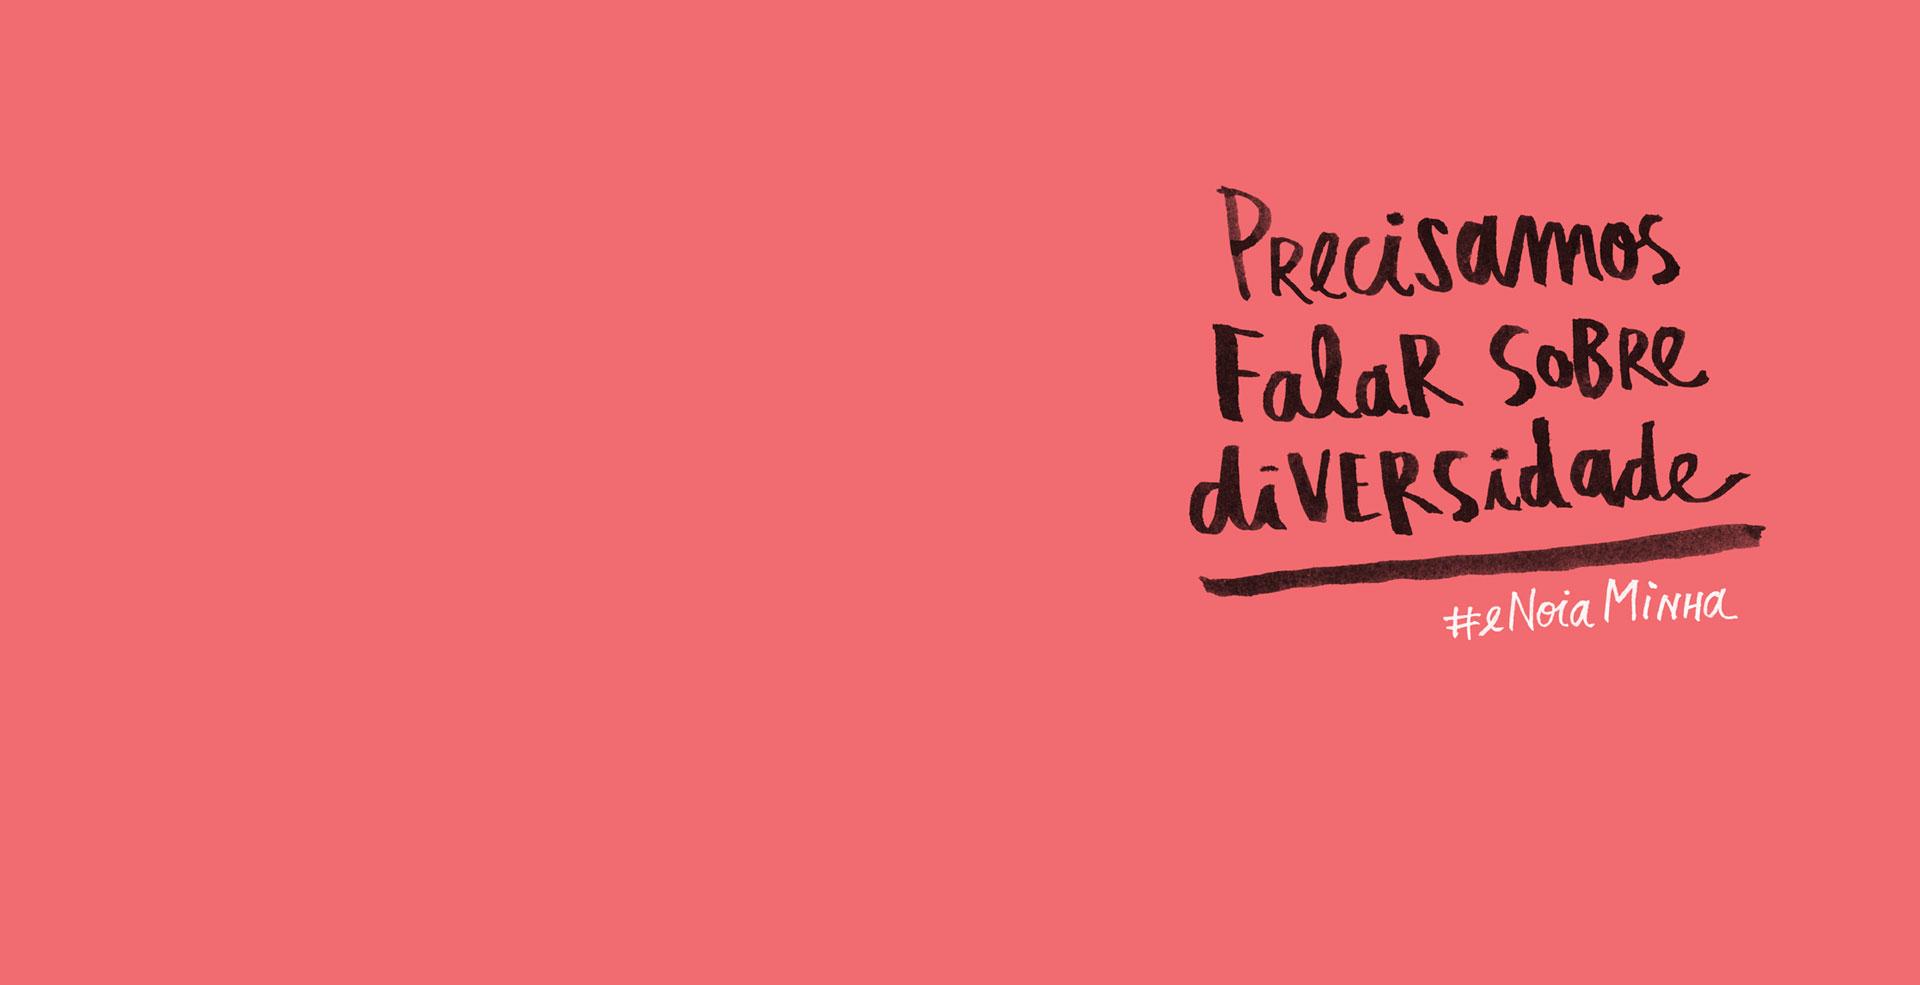 Precisamos falar sobre diversidade